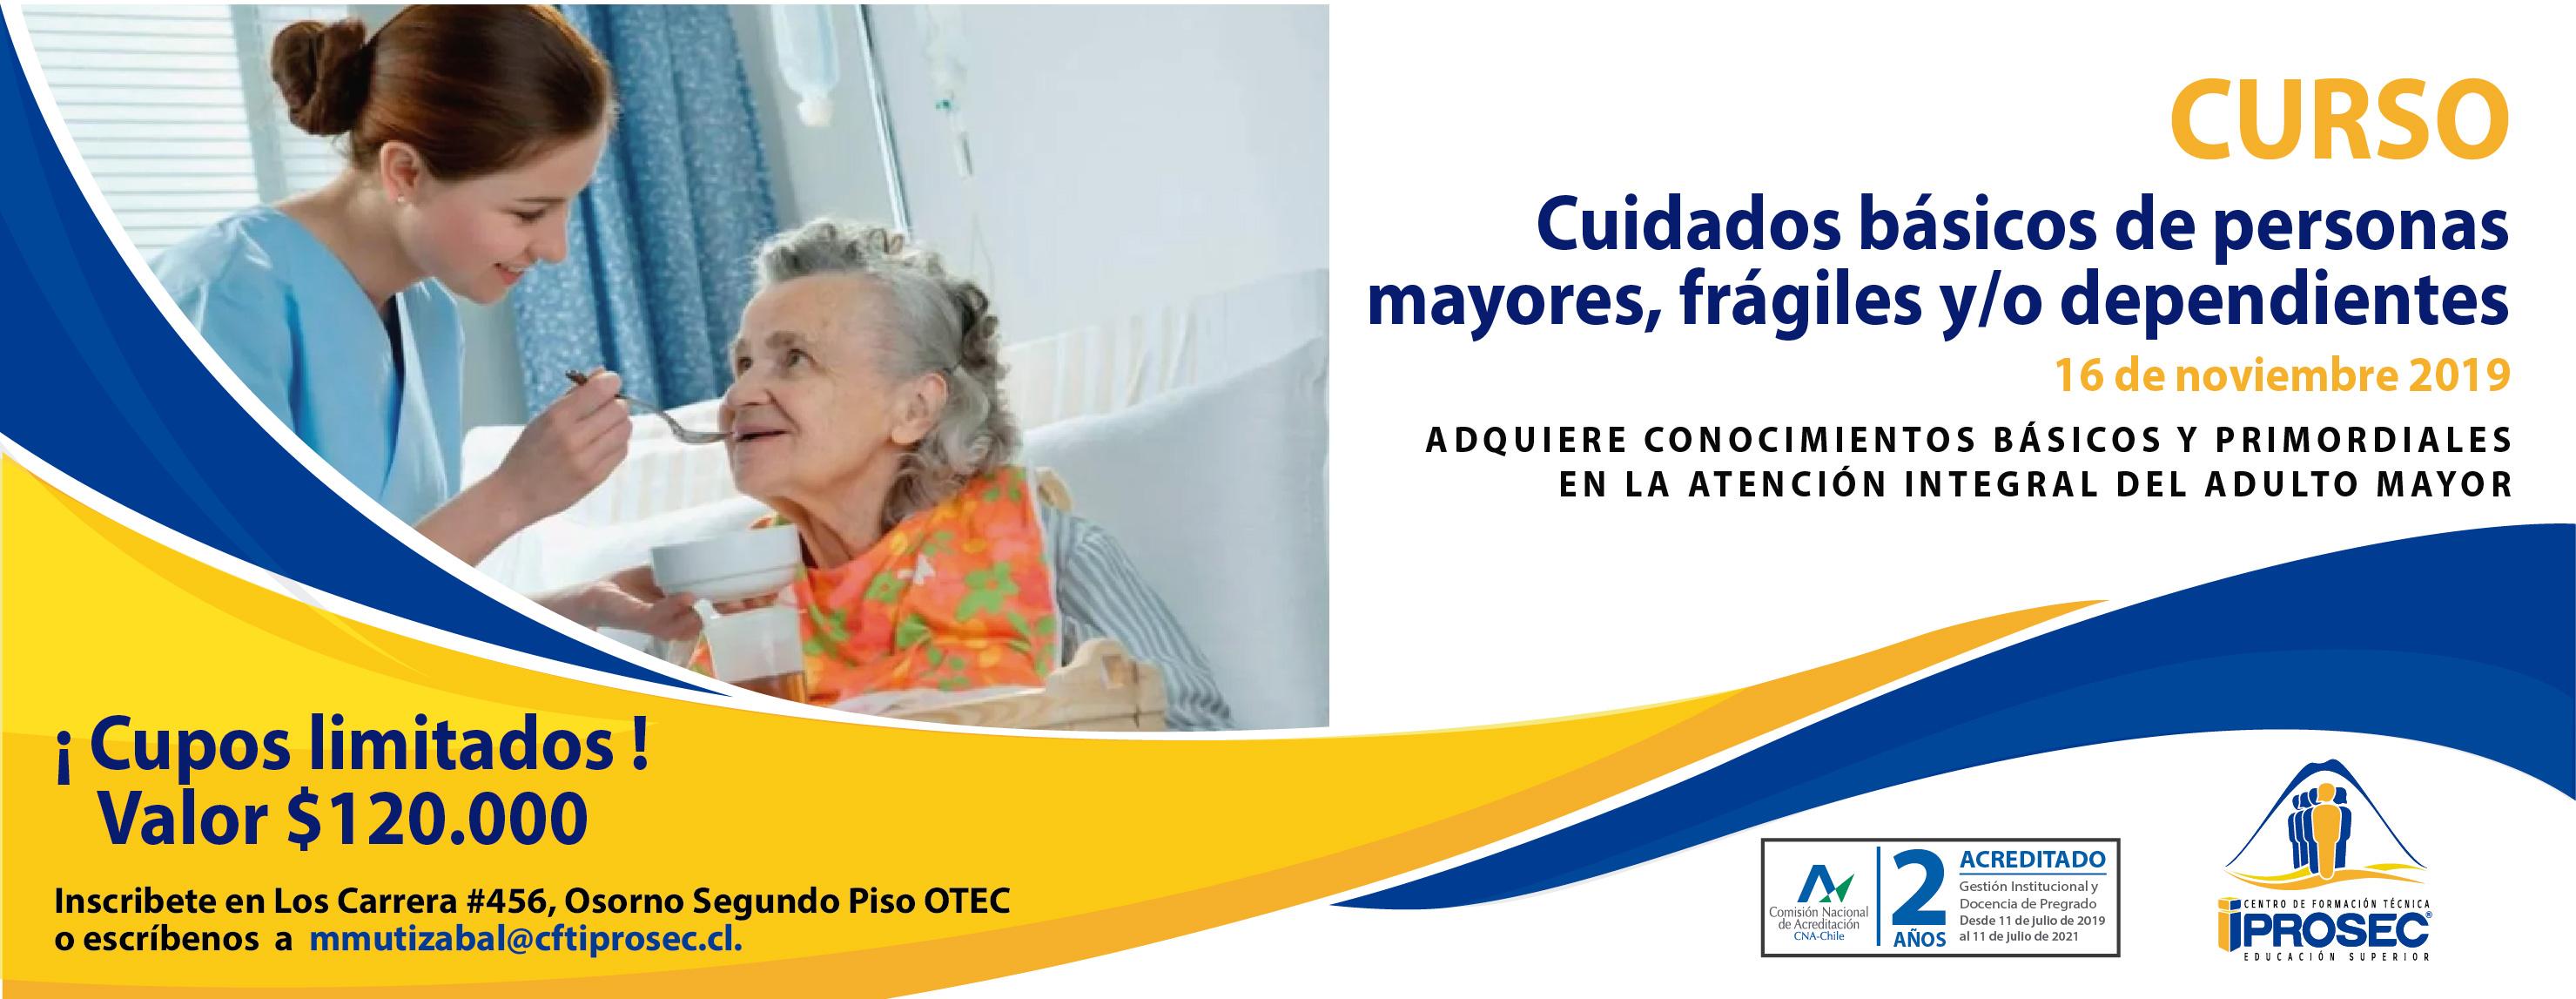 Curso Cuidados básicos de personas mayores, frágiles y/o dependientes